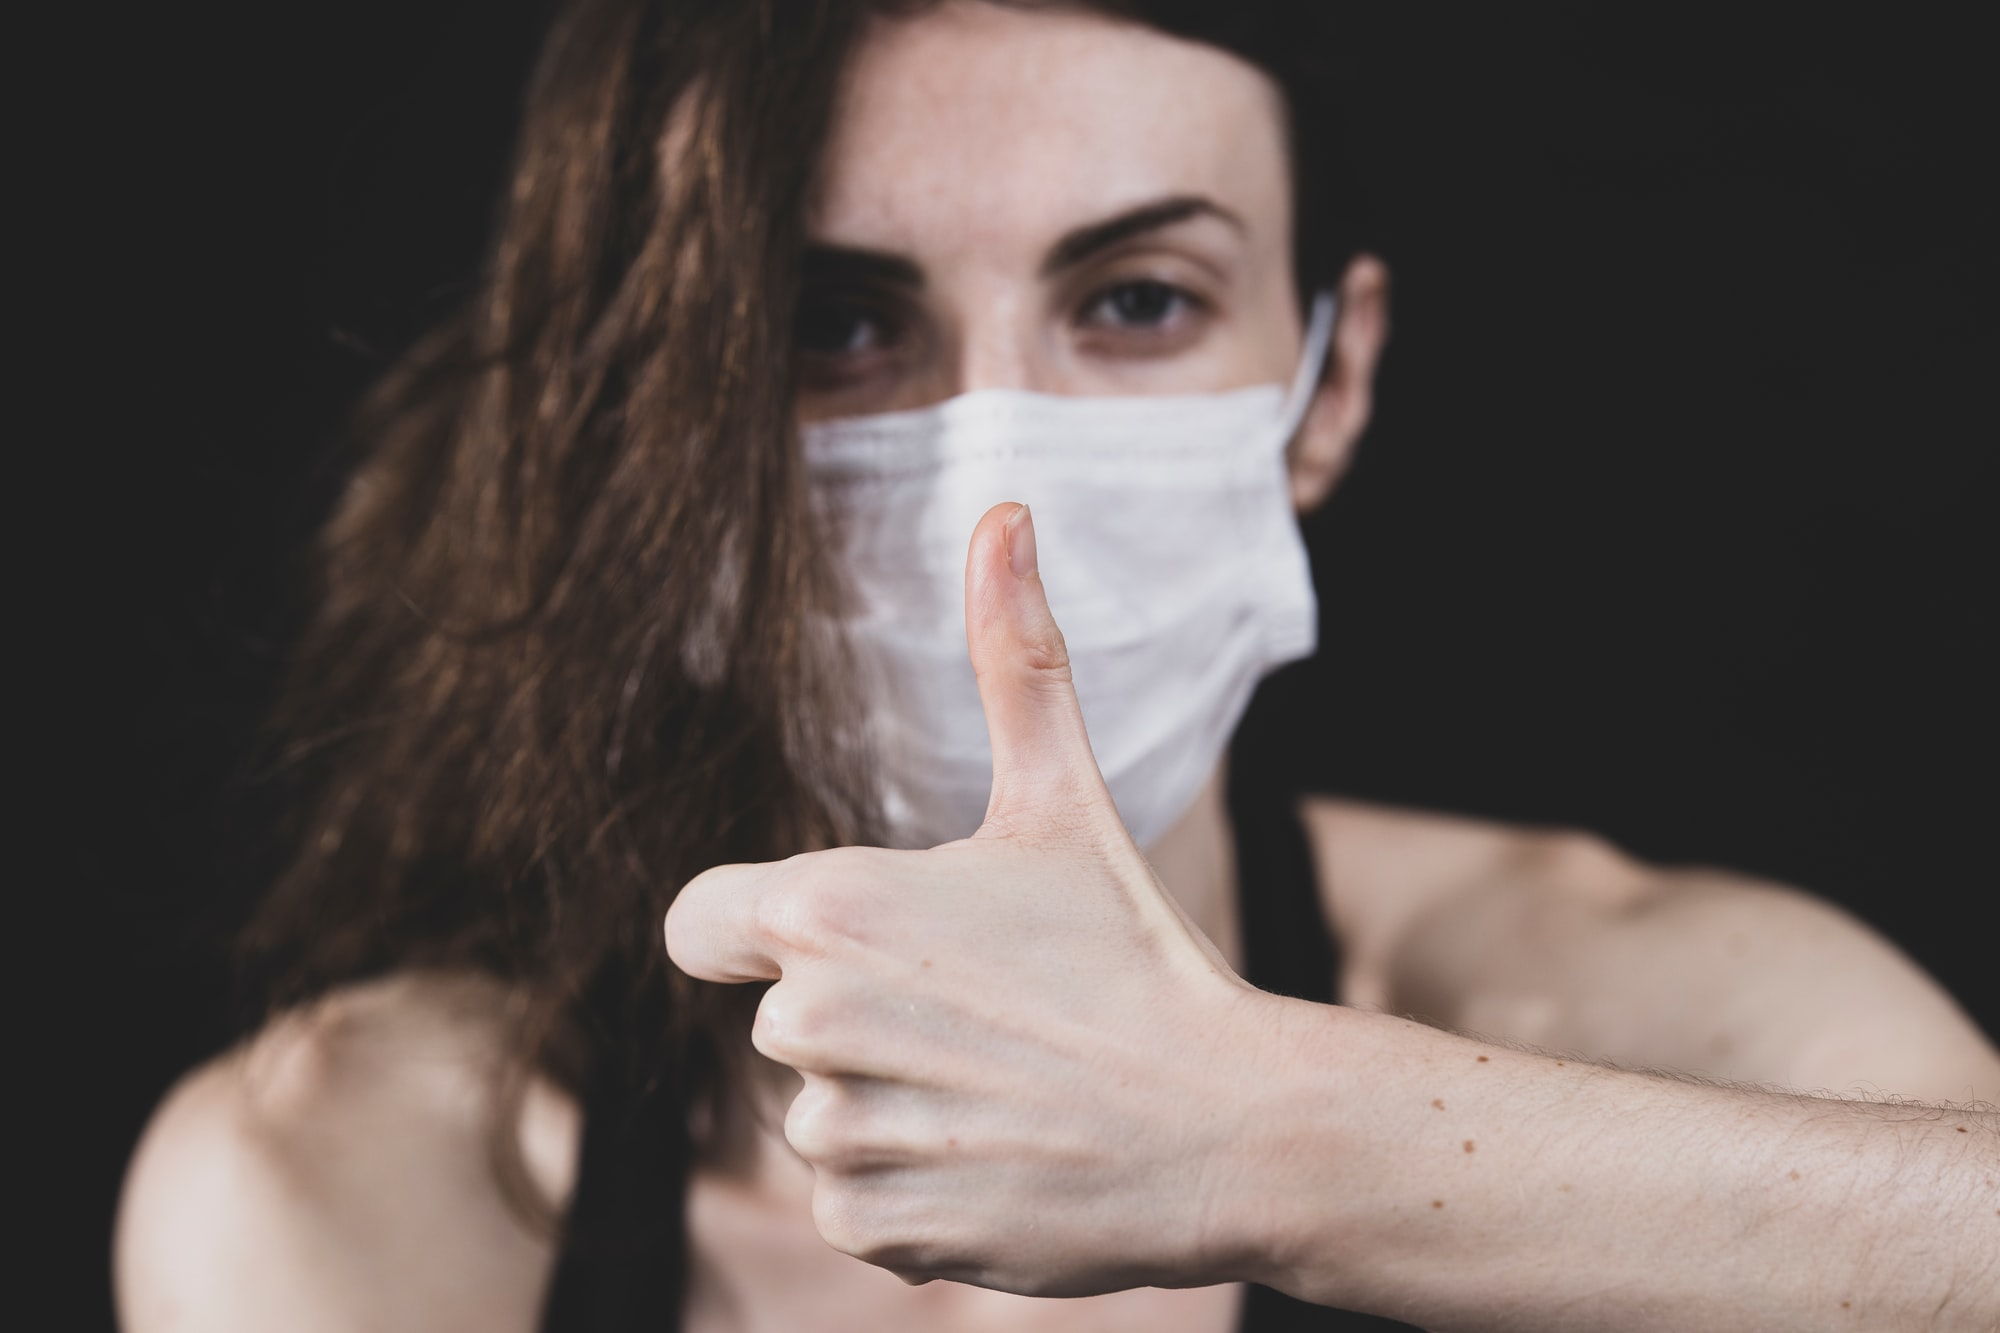 Ziel 3 - Gesundheit und Wohlergehen